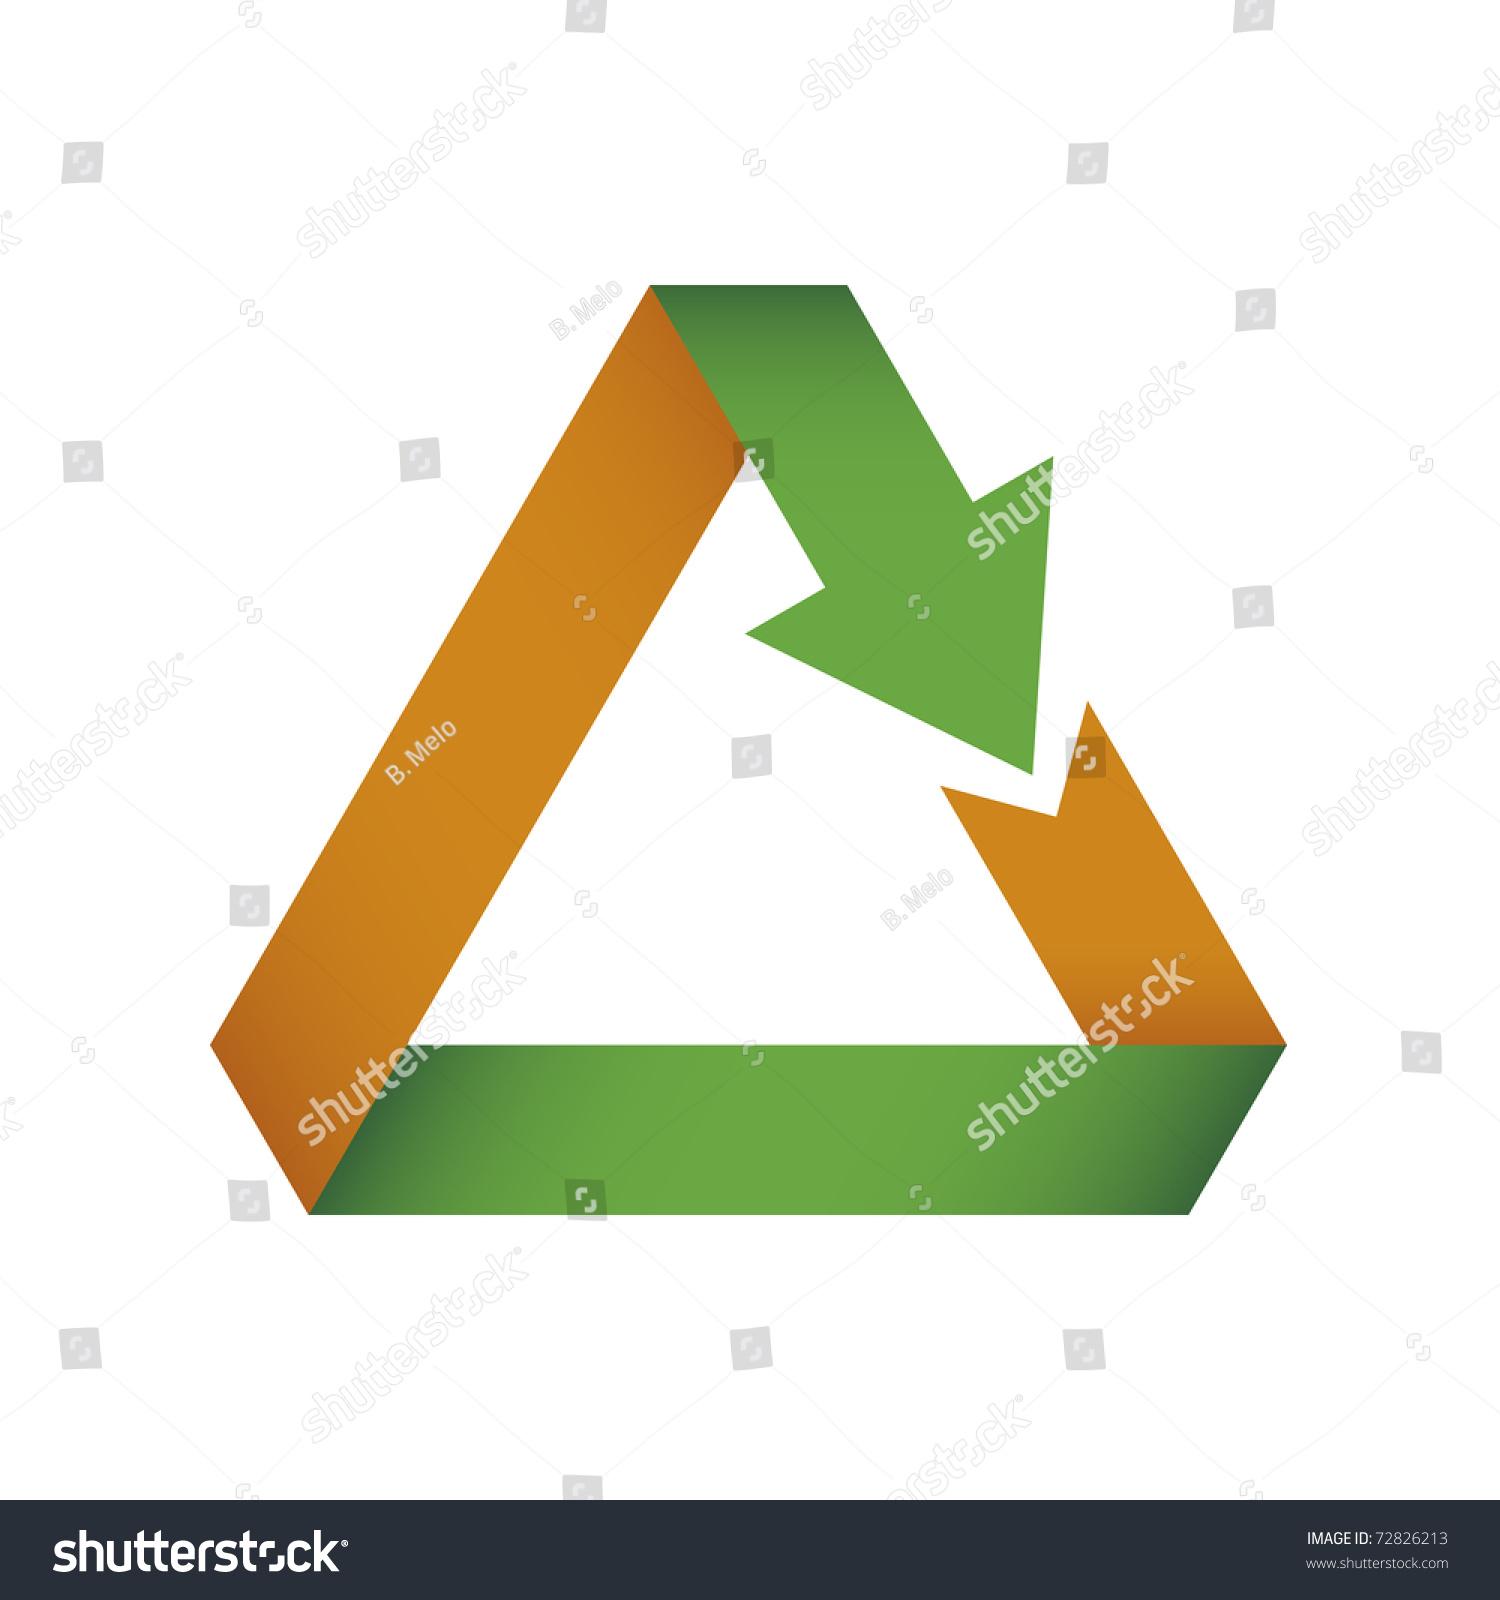 矢量图的三角箭头折叠本身-插图/剪贴图,符号/标志-()图片